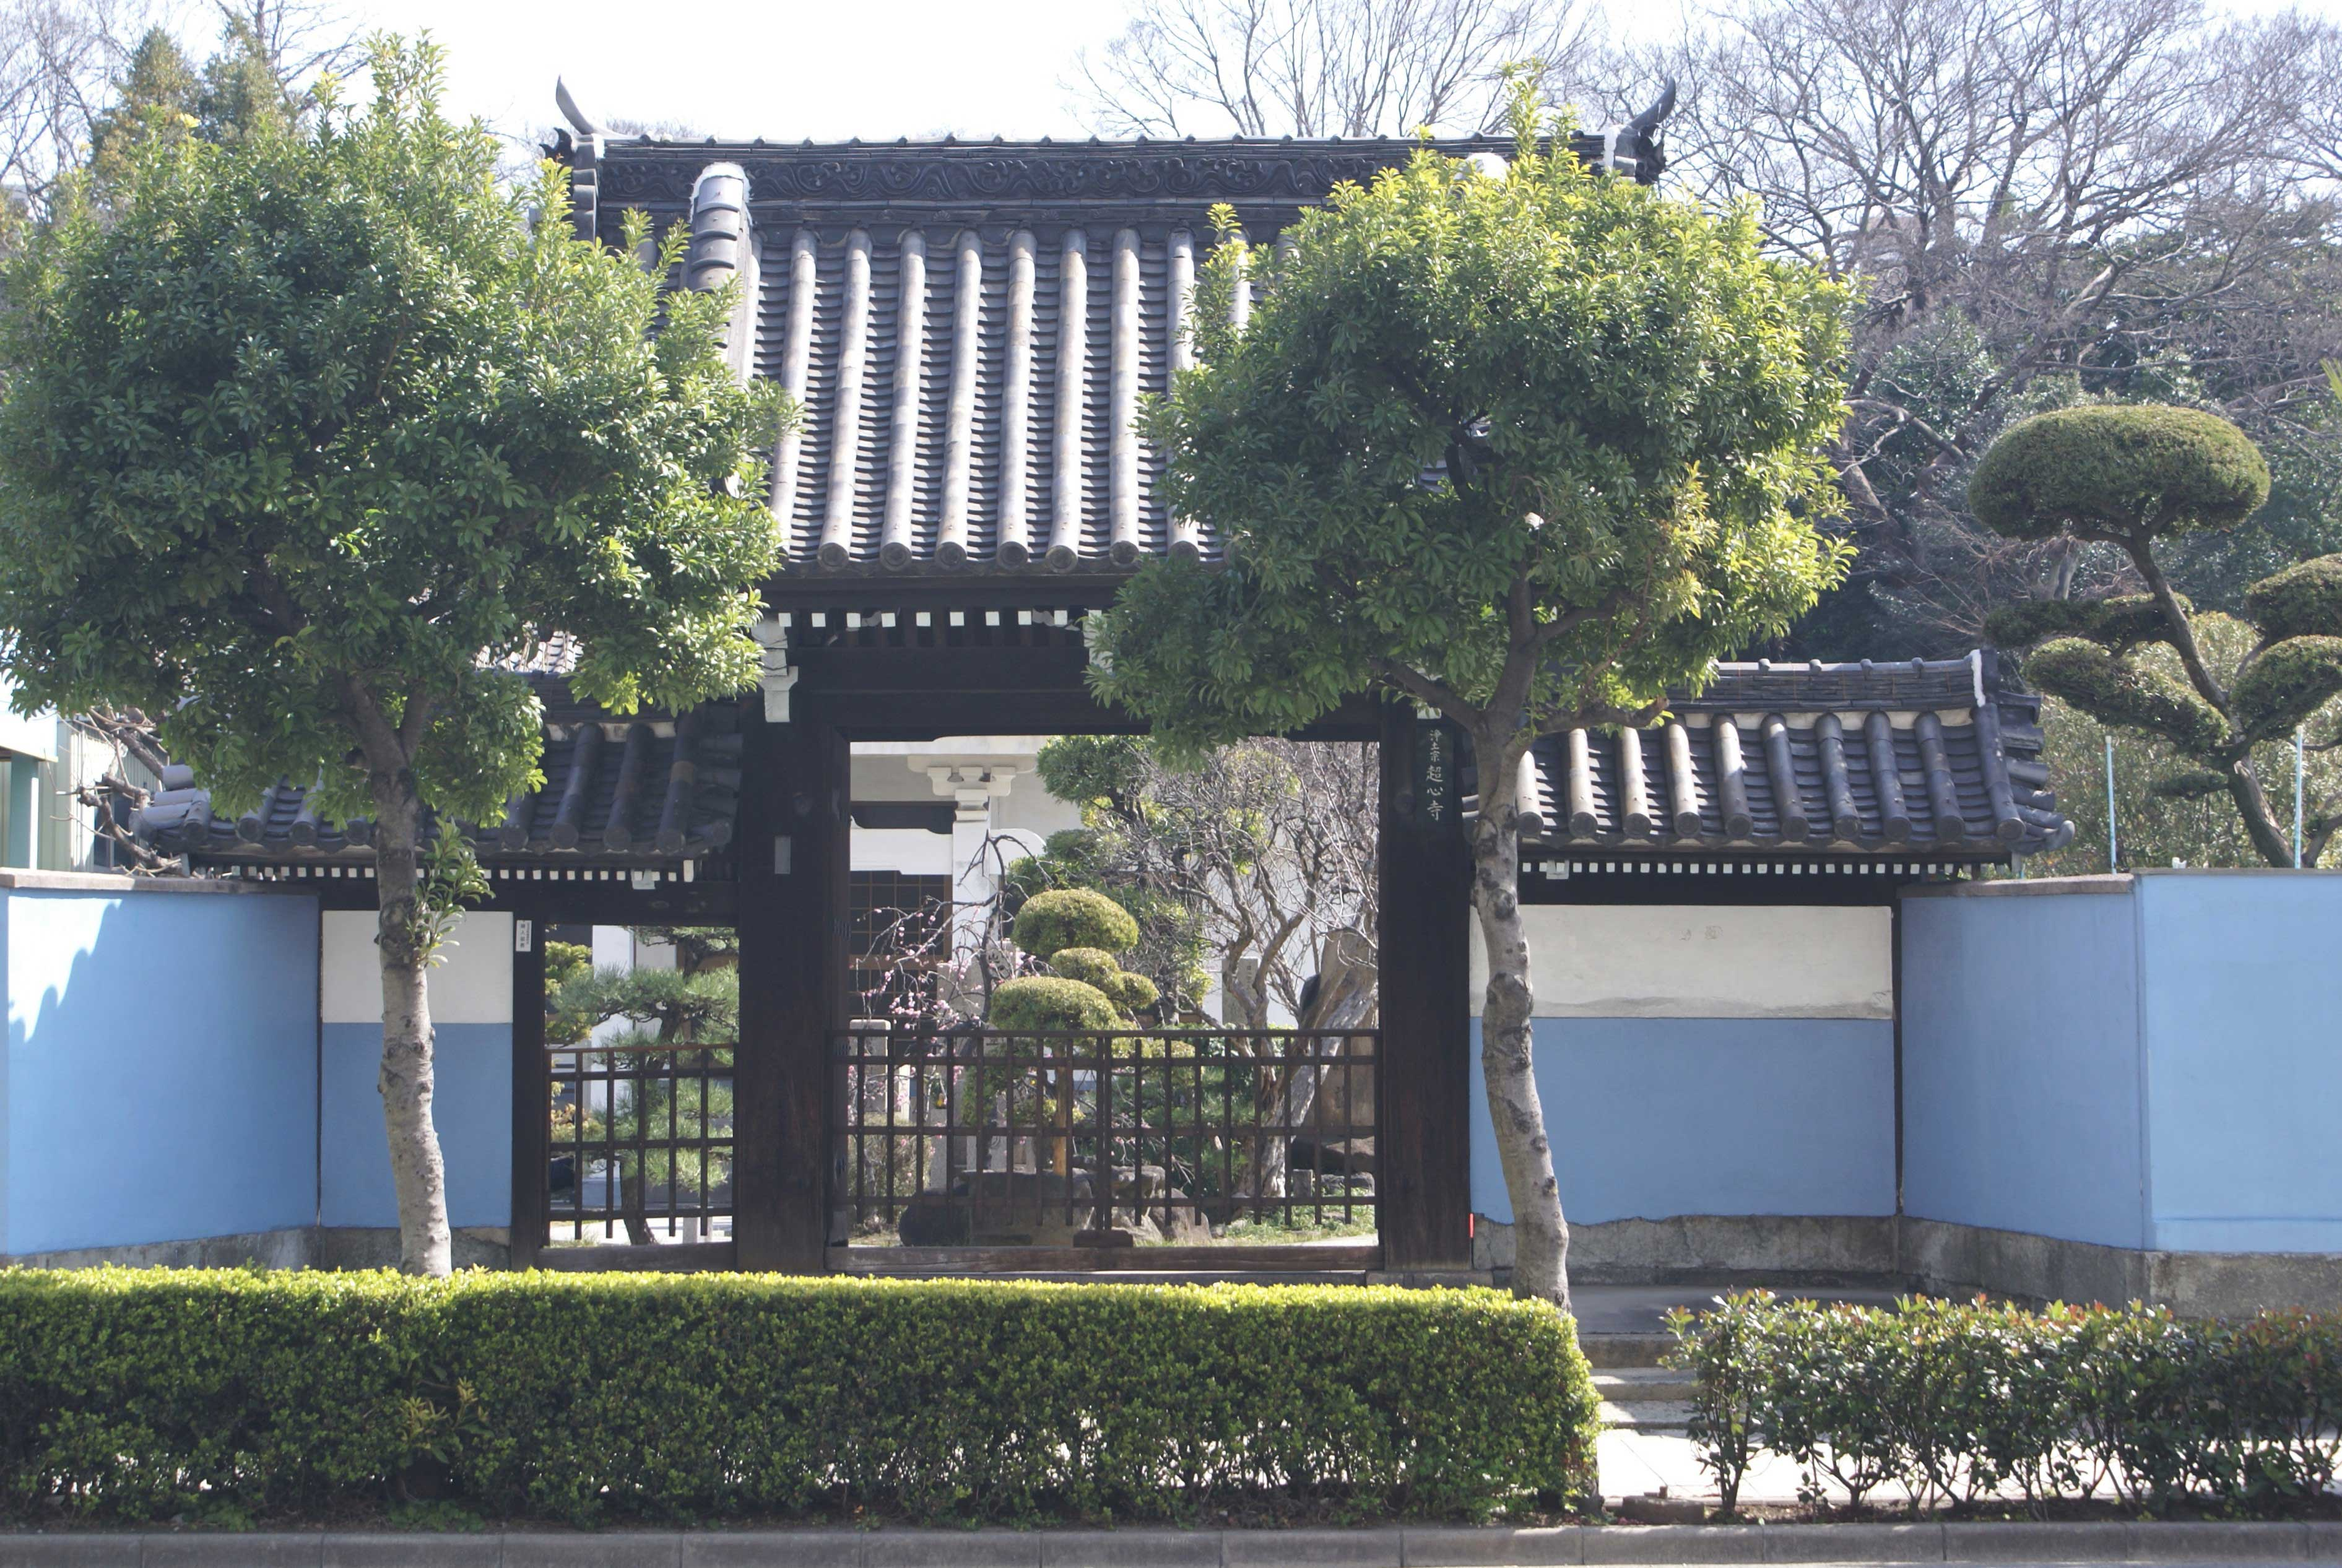 <p>薬医門形式の山門正面</p>間口3.1mの一間薬医門で、切妻造本瓦葺とし、袖塀を両脇に付け、左手に潜戸がある。